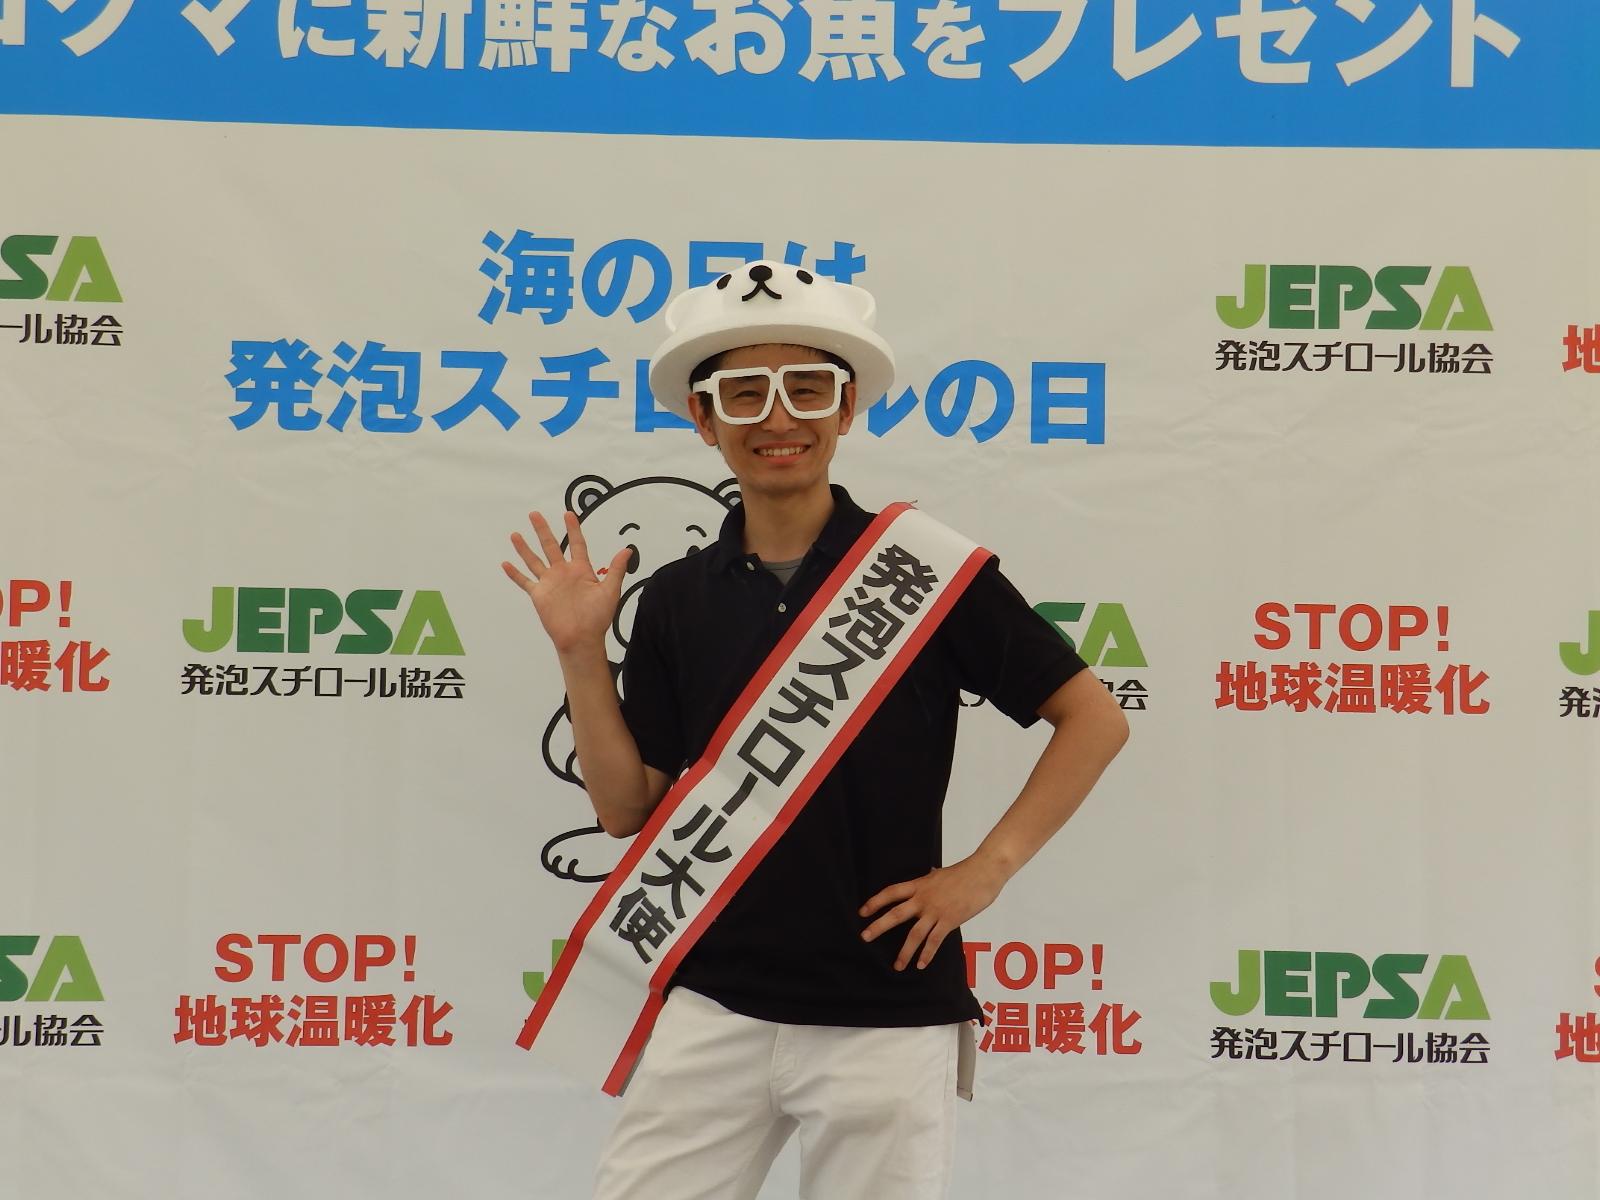 https://www.jepsa.jp/news/attach/501.JPG